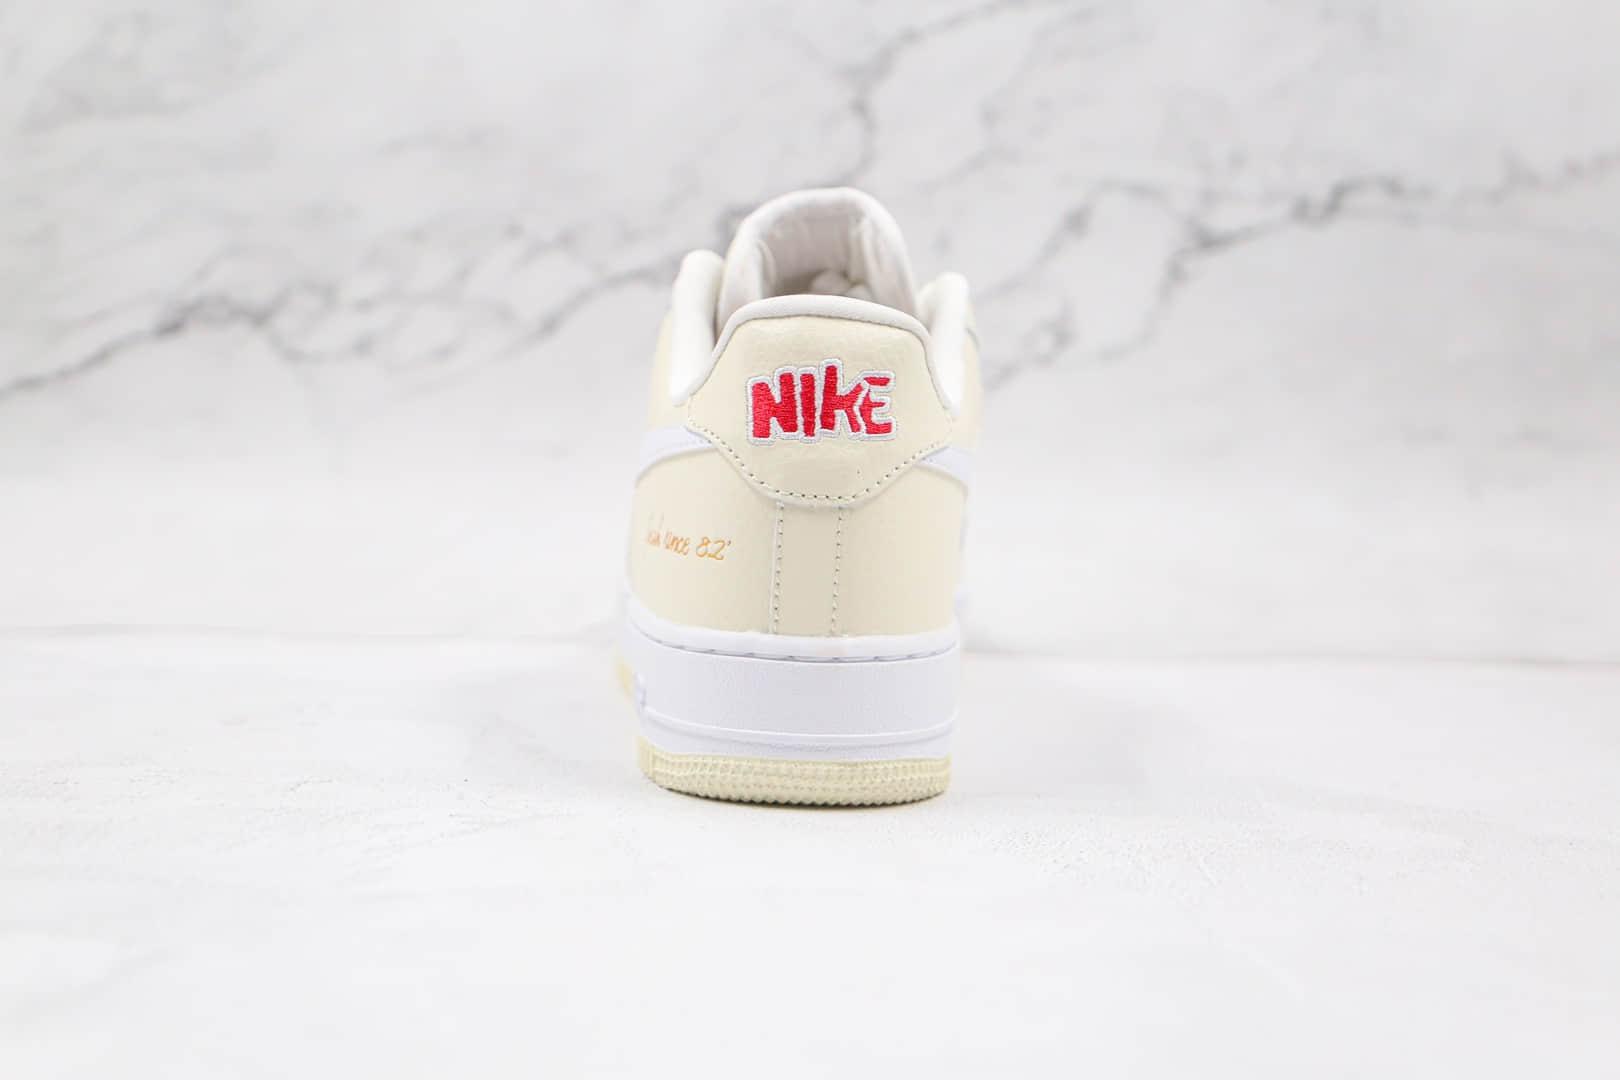 耐克Nike AIR FORCE 1 '07 PRM EMB纯原版本低帮空军一号米白爆米花色板鞋原盒原标 货号:CW2919-100